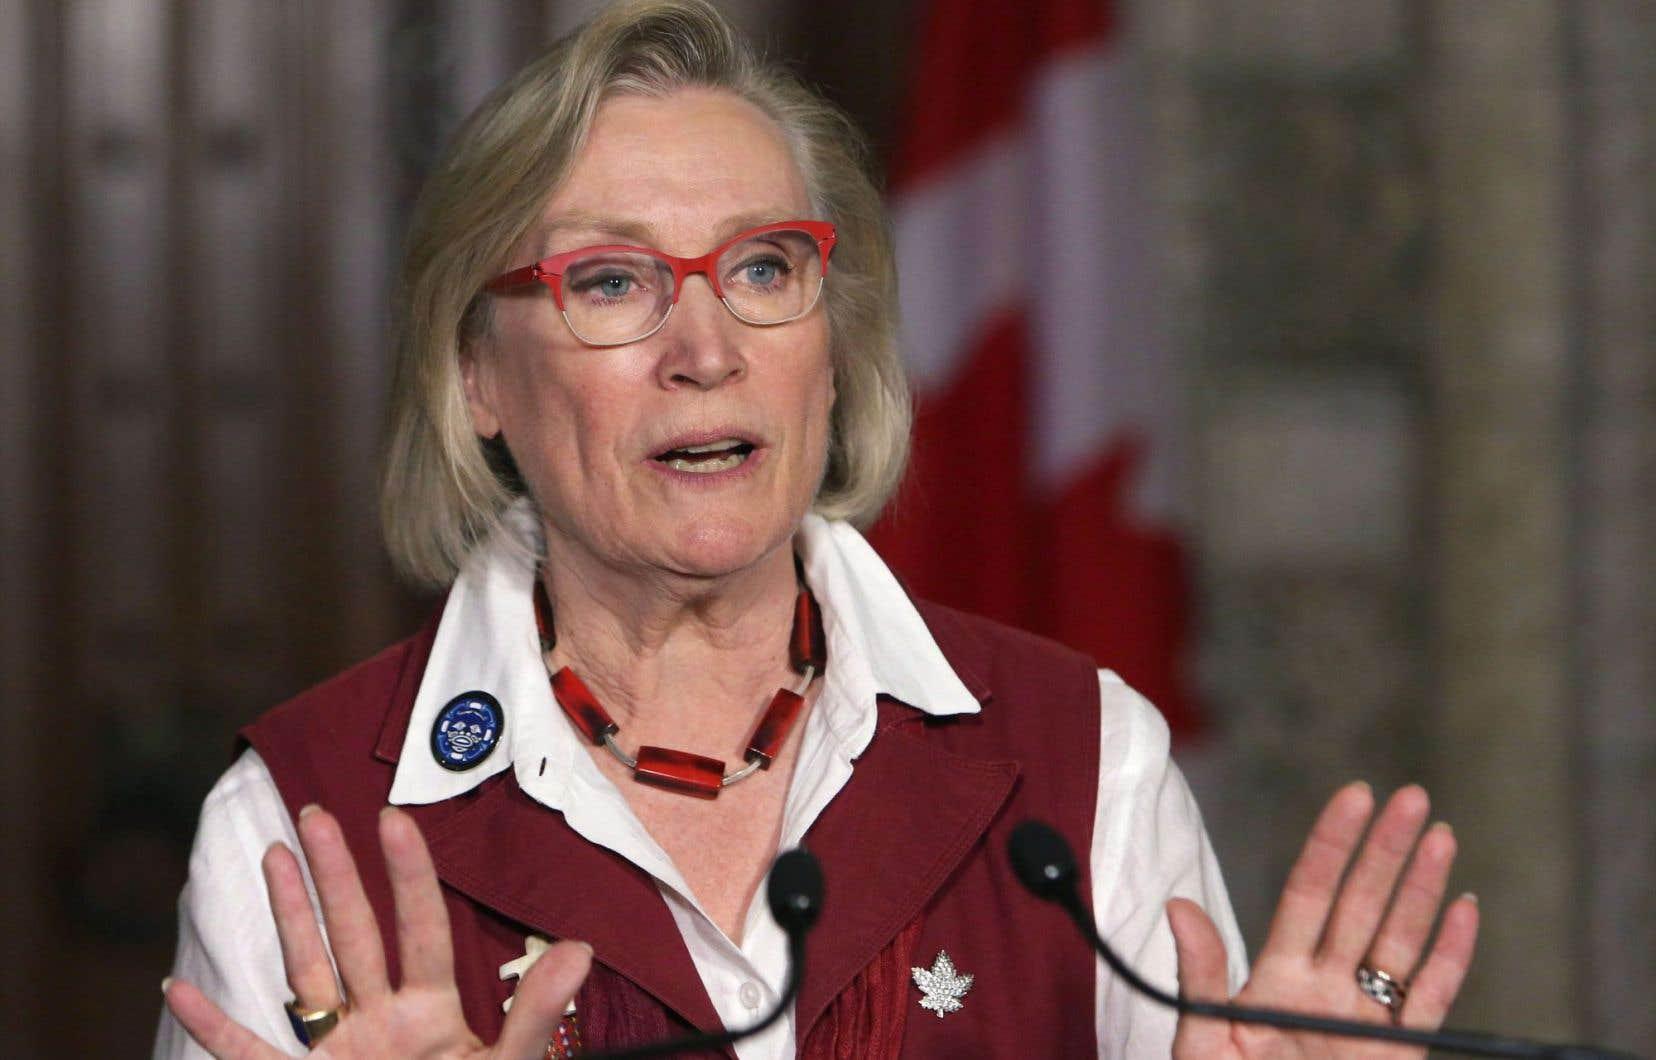 La ministre des Affaires autochtones, Carolyn Bennett, a rencontré les membres de la commission d'enquête pour s'assurer que la démarche entreprise il y a 11 mois n'était pas compromise.